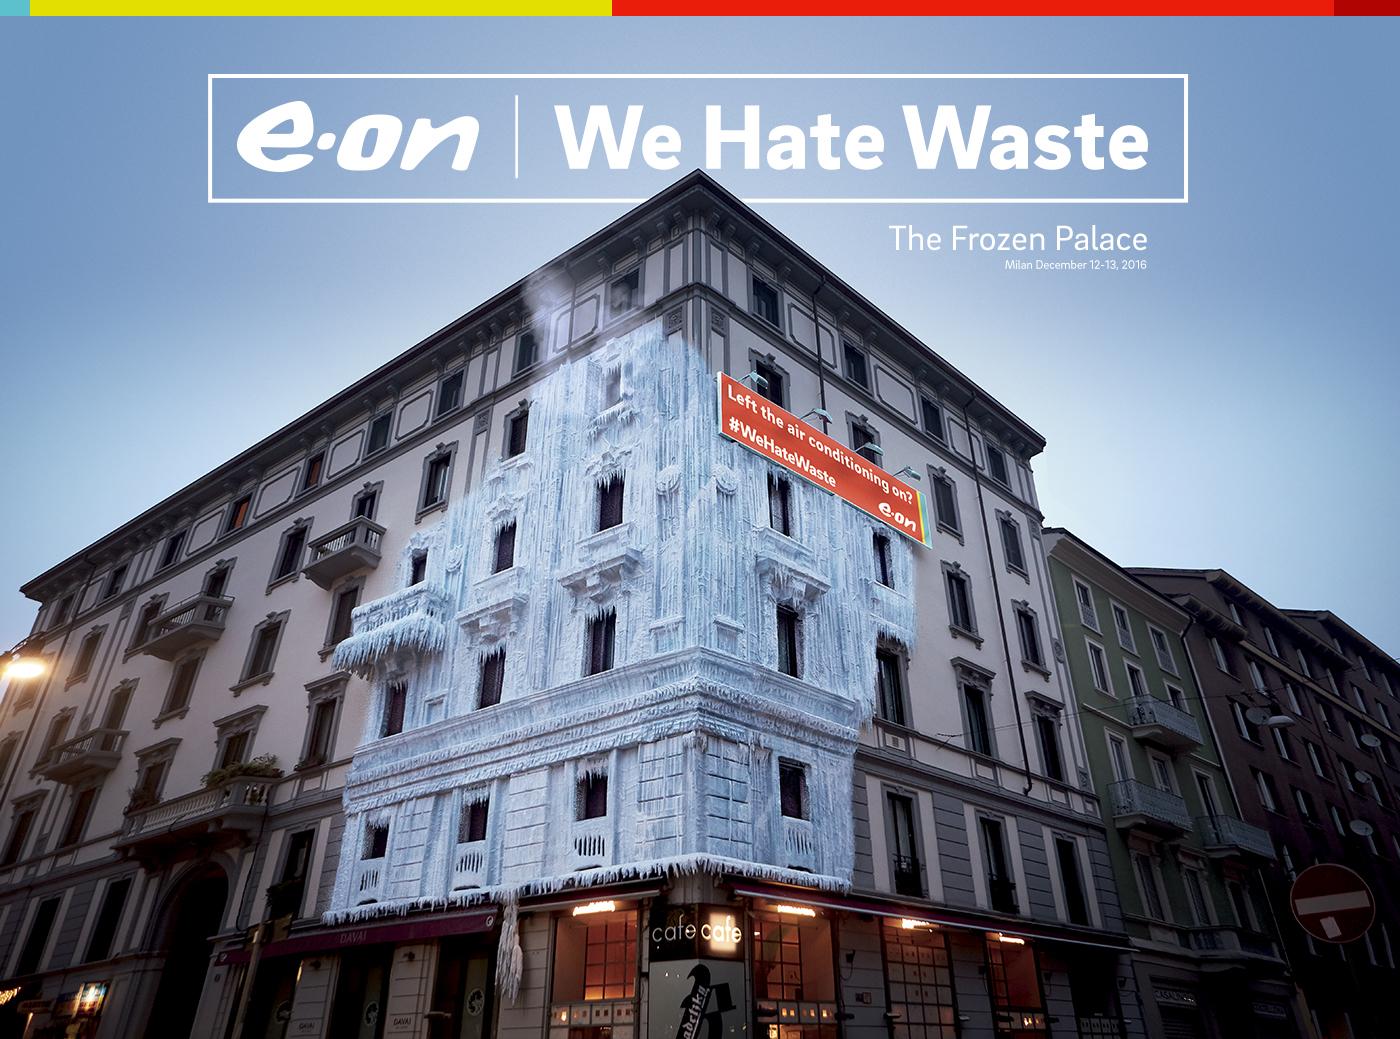 eon we hate waste odiamo gli sprechi palazzo ghiacciato frozen palace waste